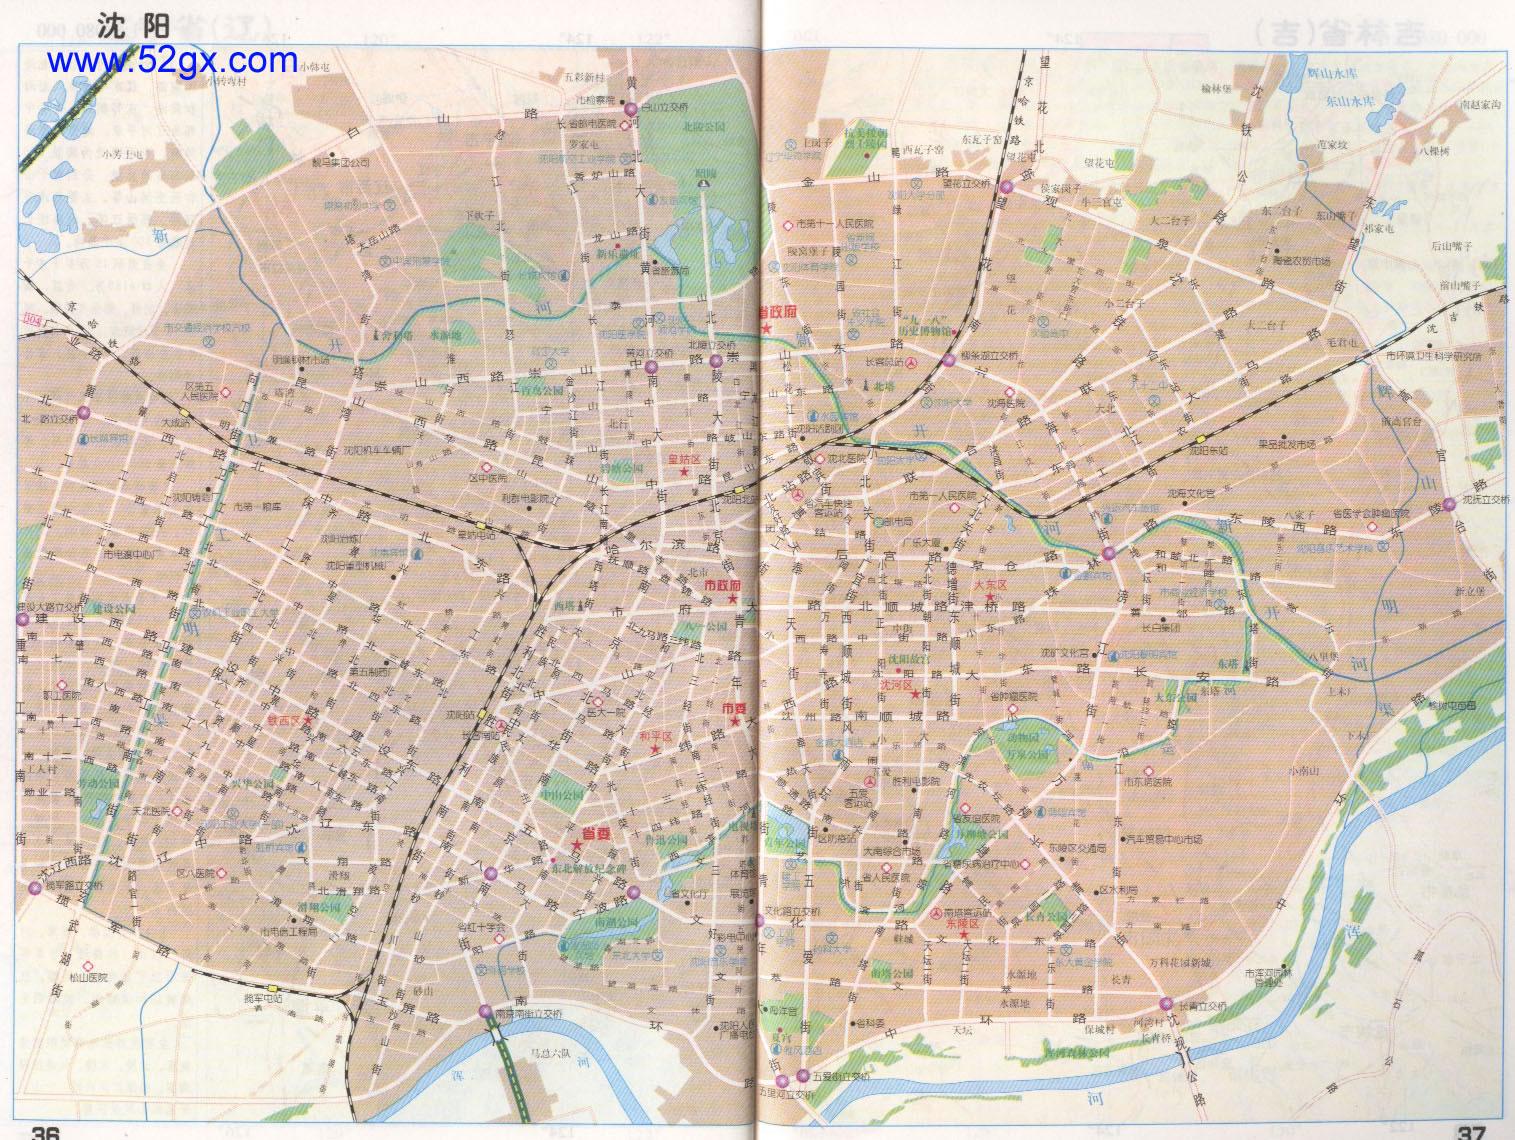 地图窝 中国 辽宁 沈阳  (长按地图可以放大,保存,分享)